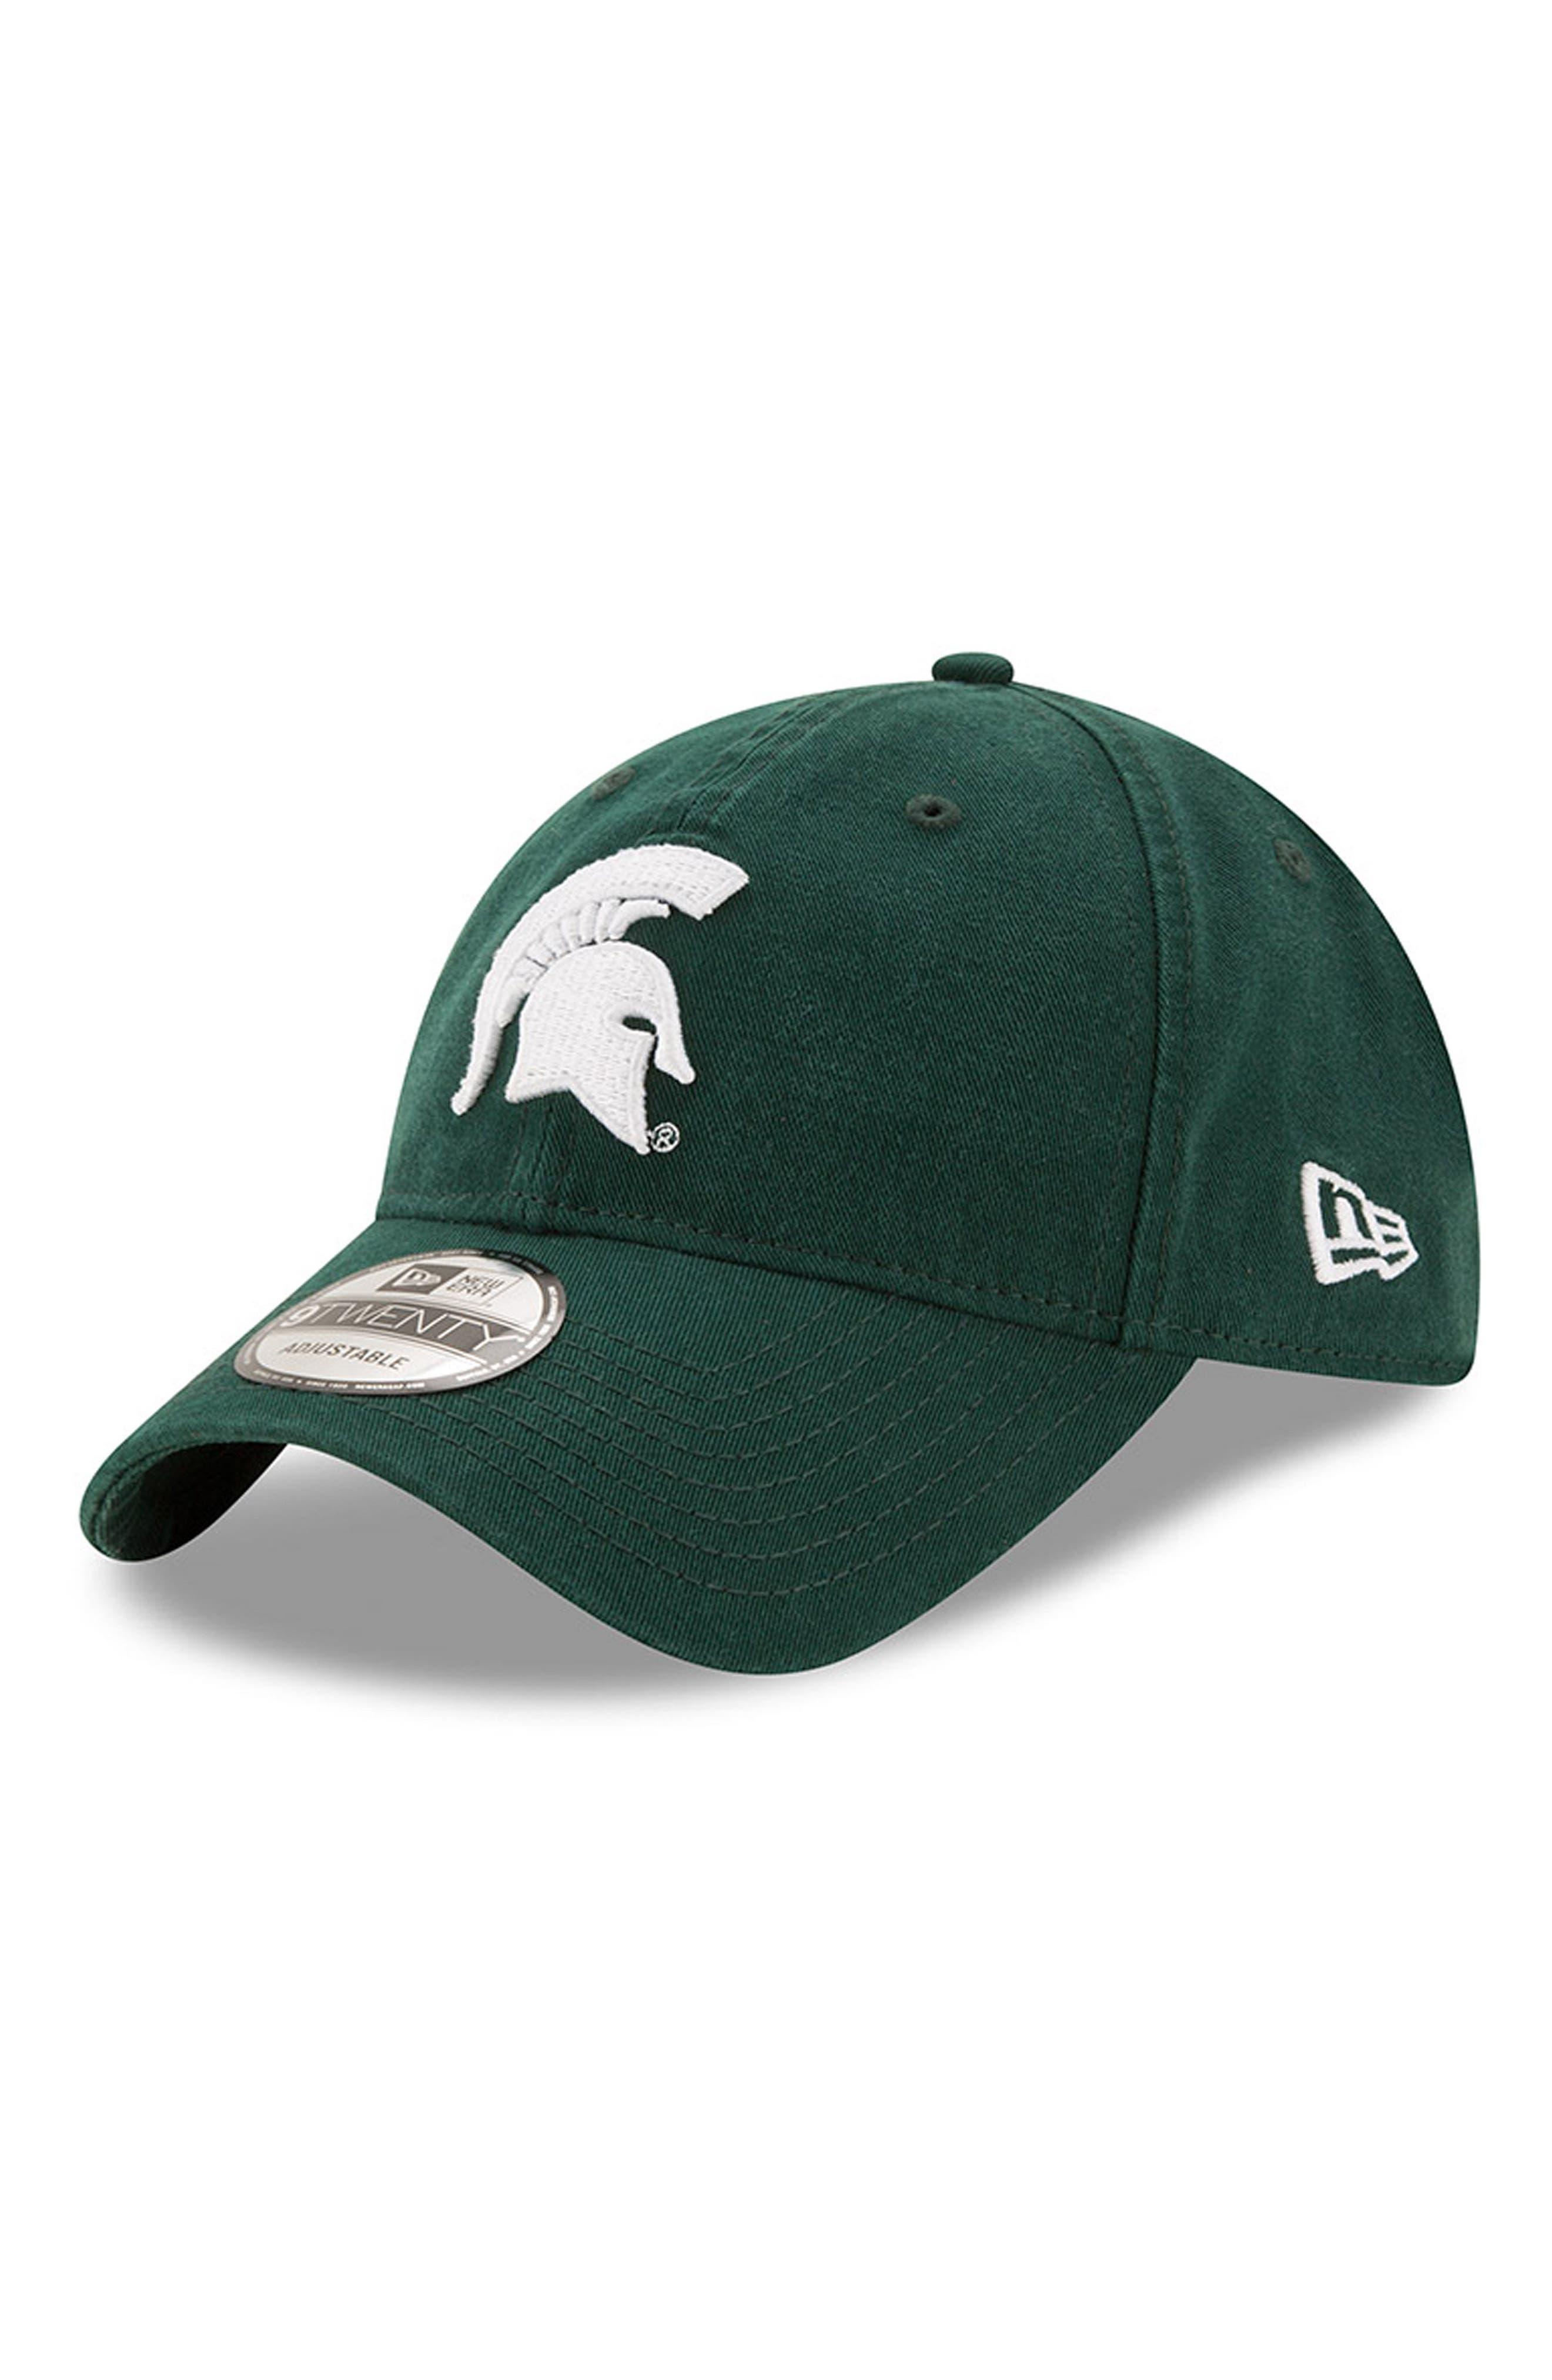 New Era Collegiate Core Classic - Michigan State Spartans Baseball Cap,                         Main,                         color, 301